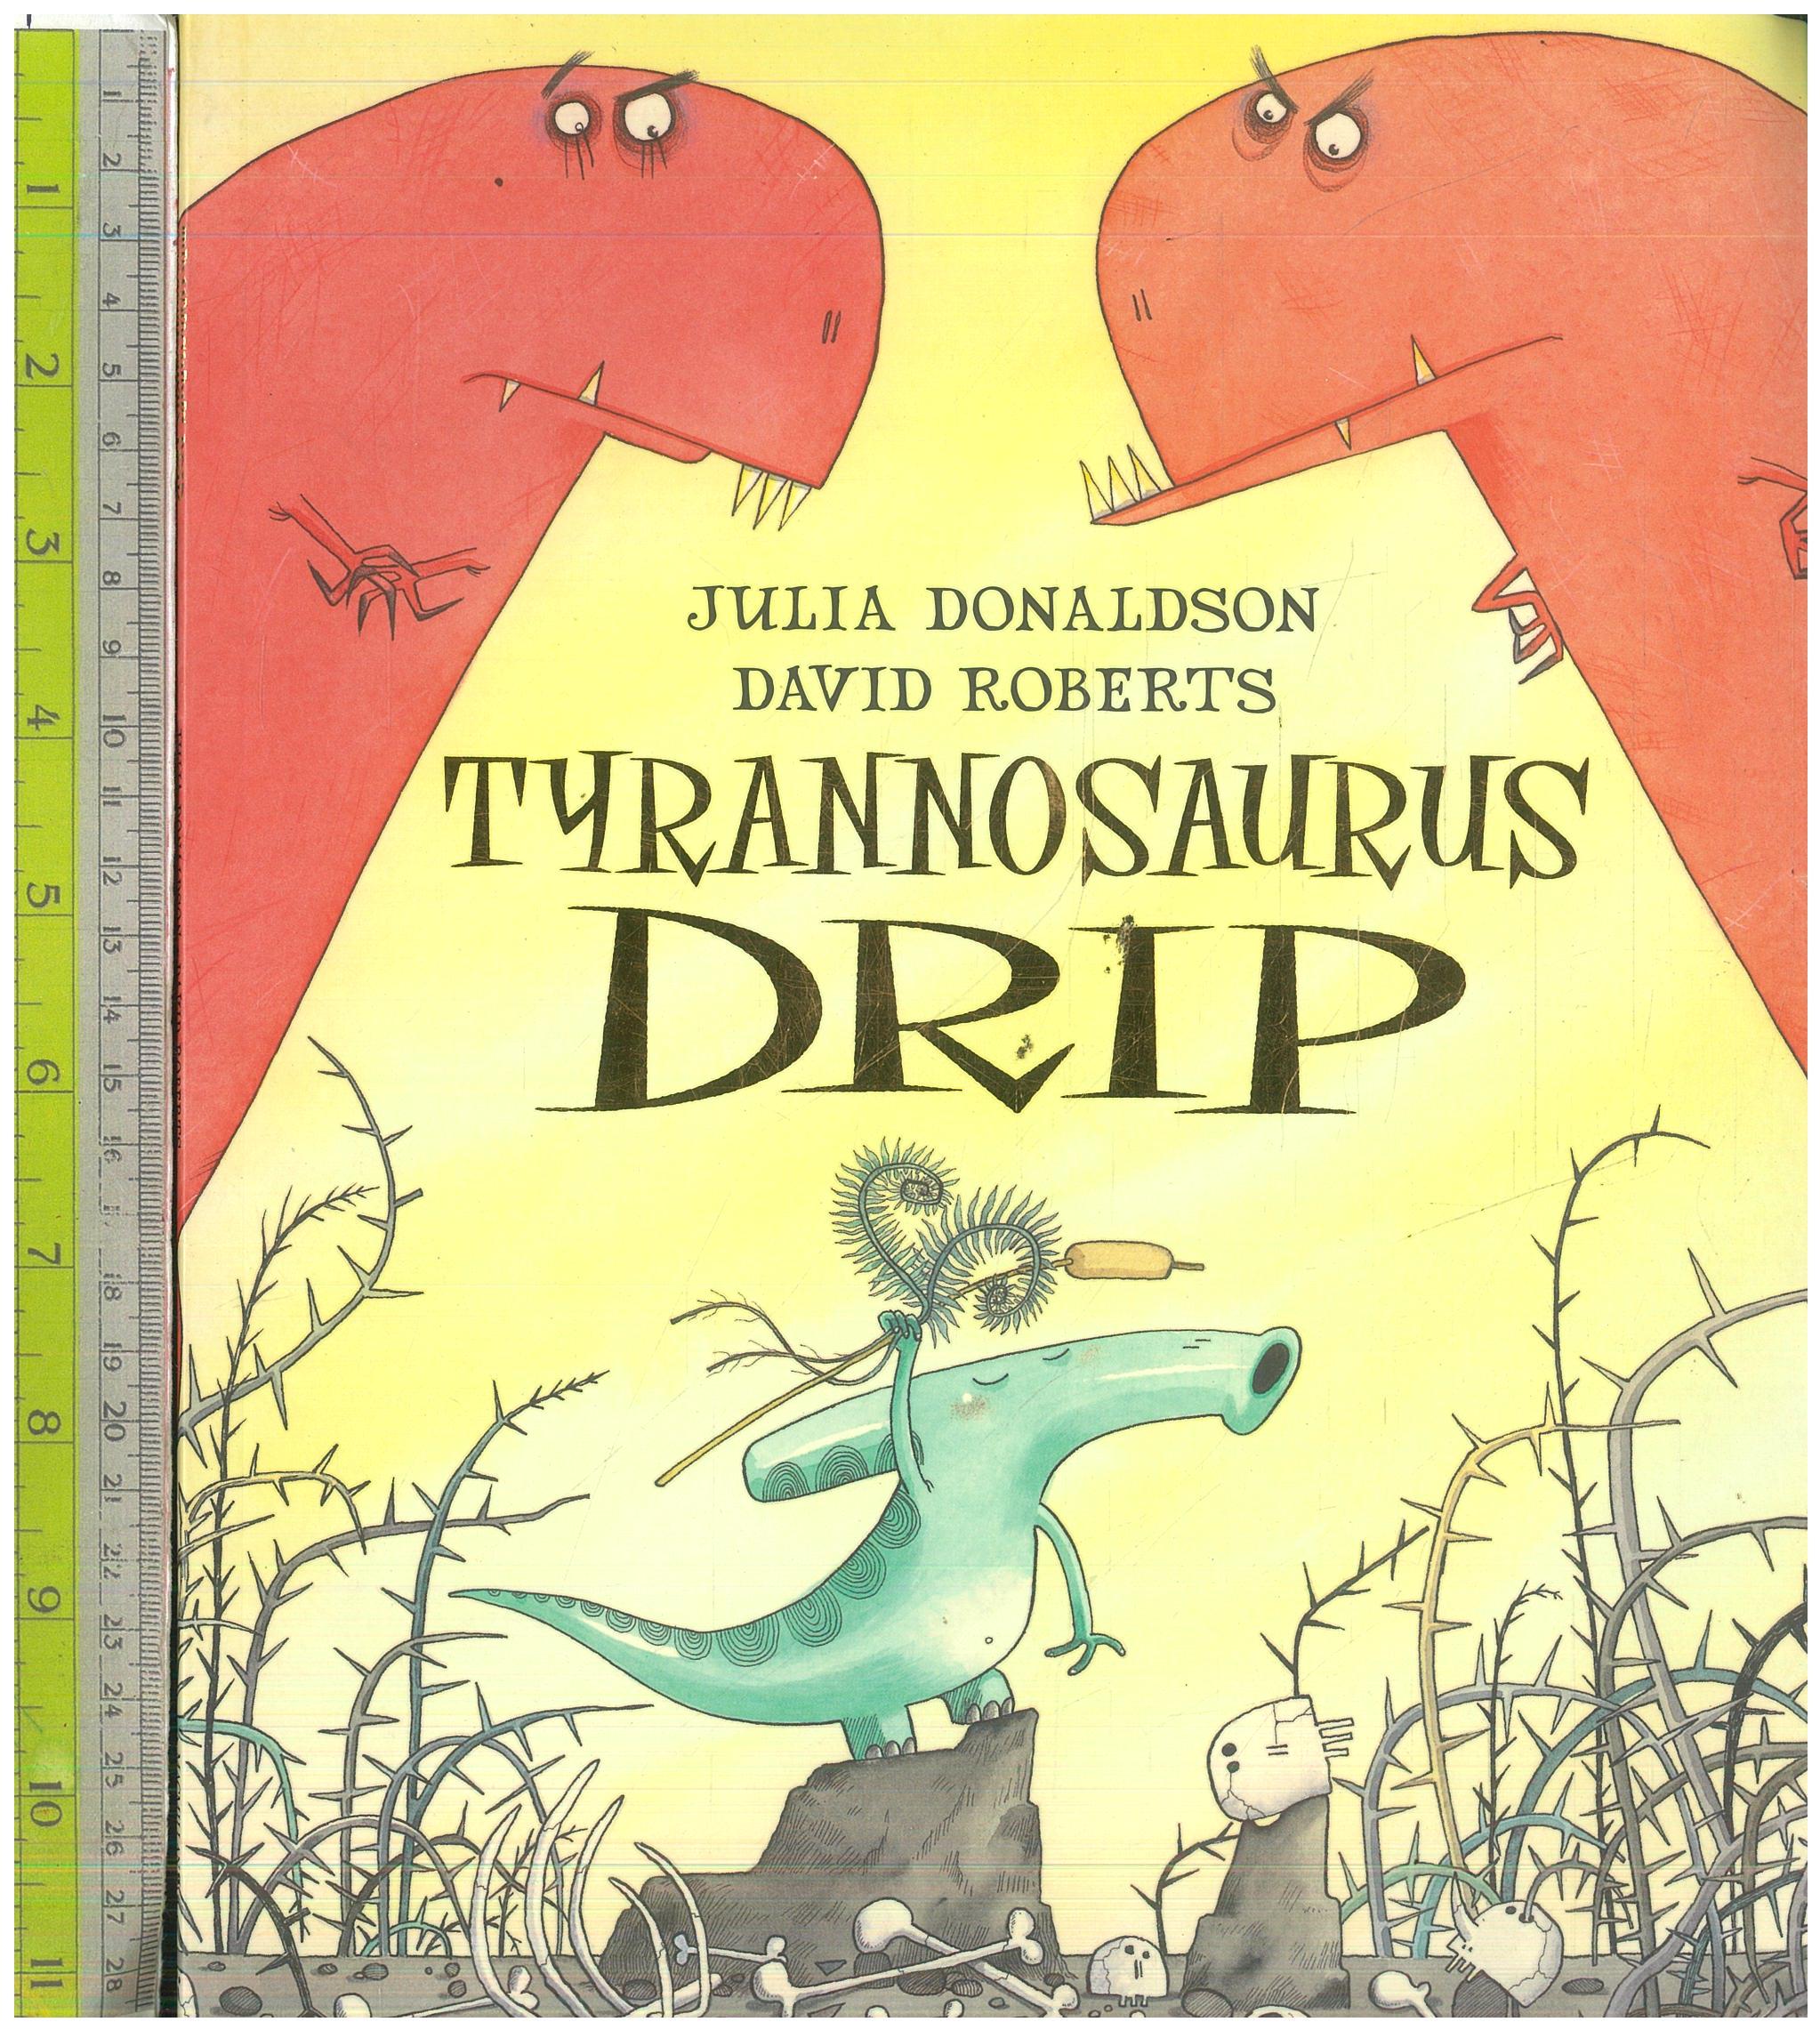 Tyranisaurus Drip